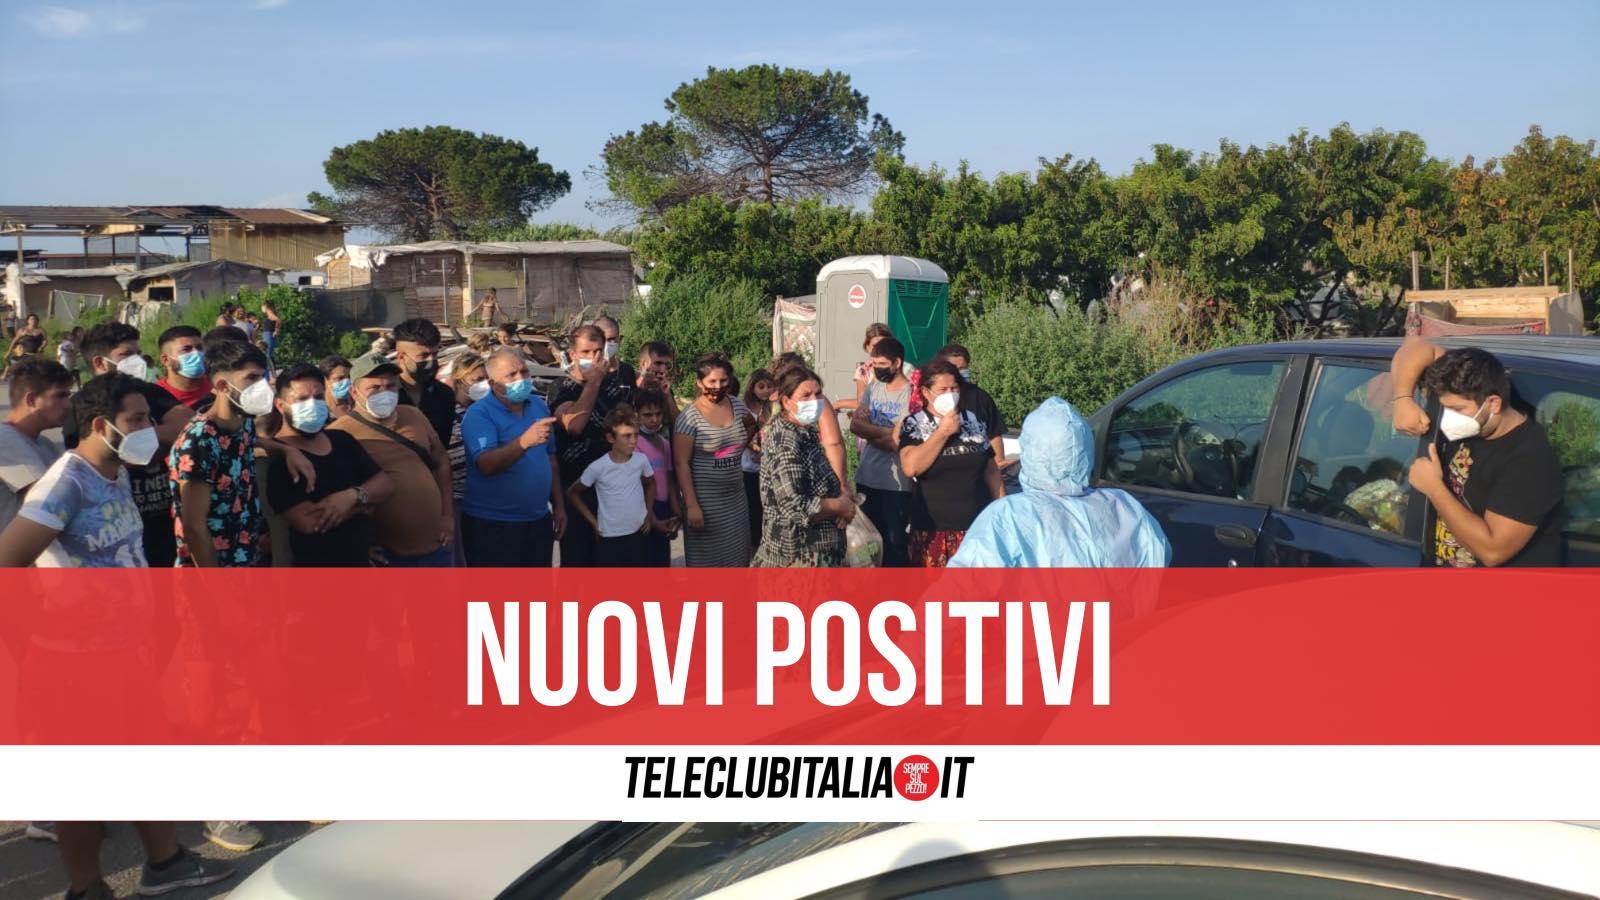 campo rom via carrafiello nuovi positivi